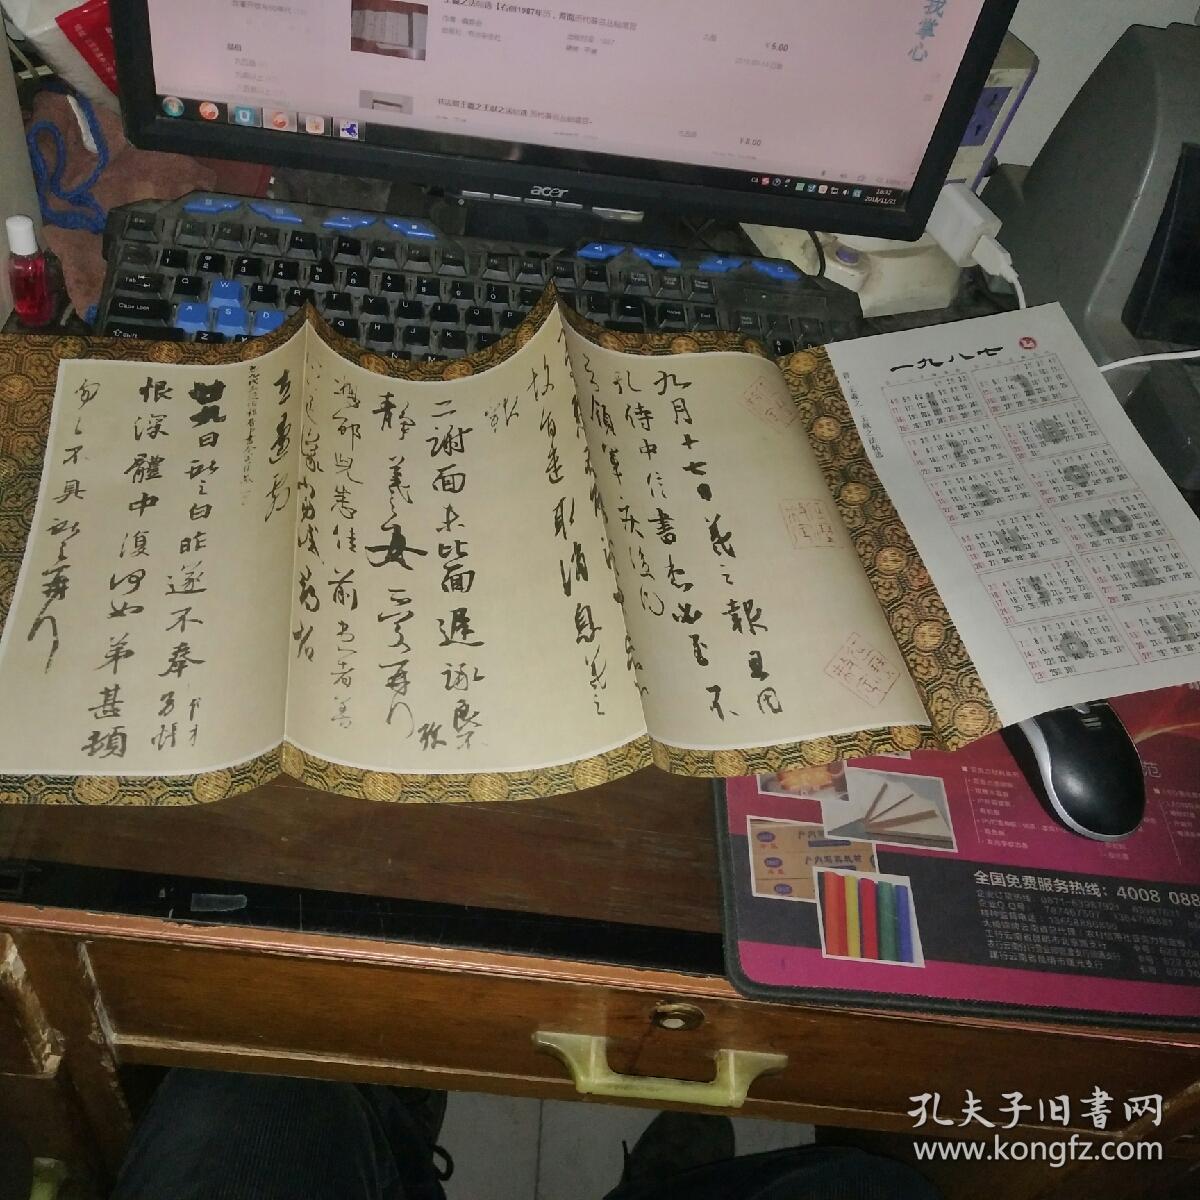 晋:王羲之 王献之法帖选 背面是 历代著名丛帖简目